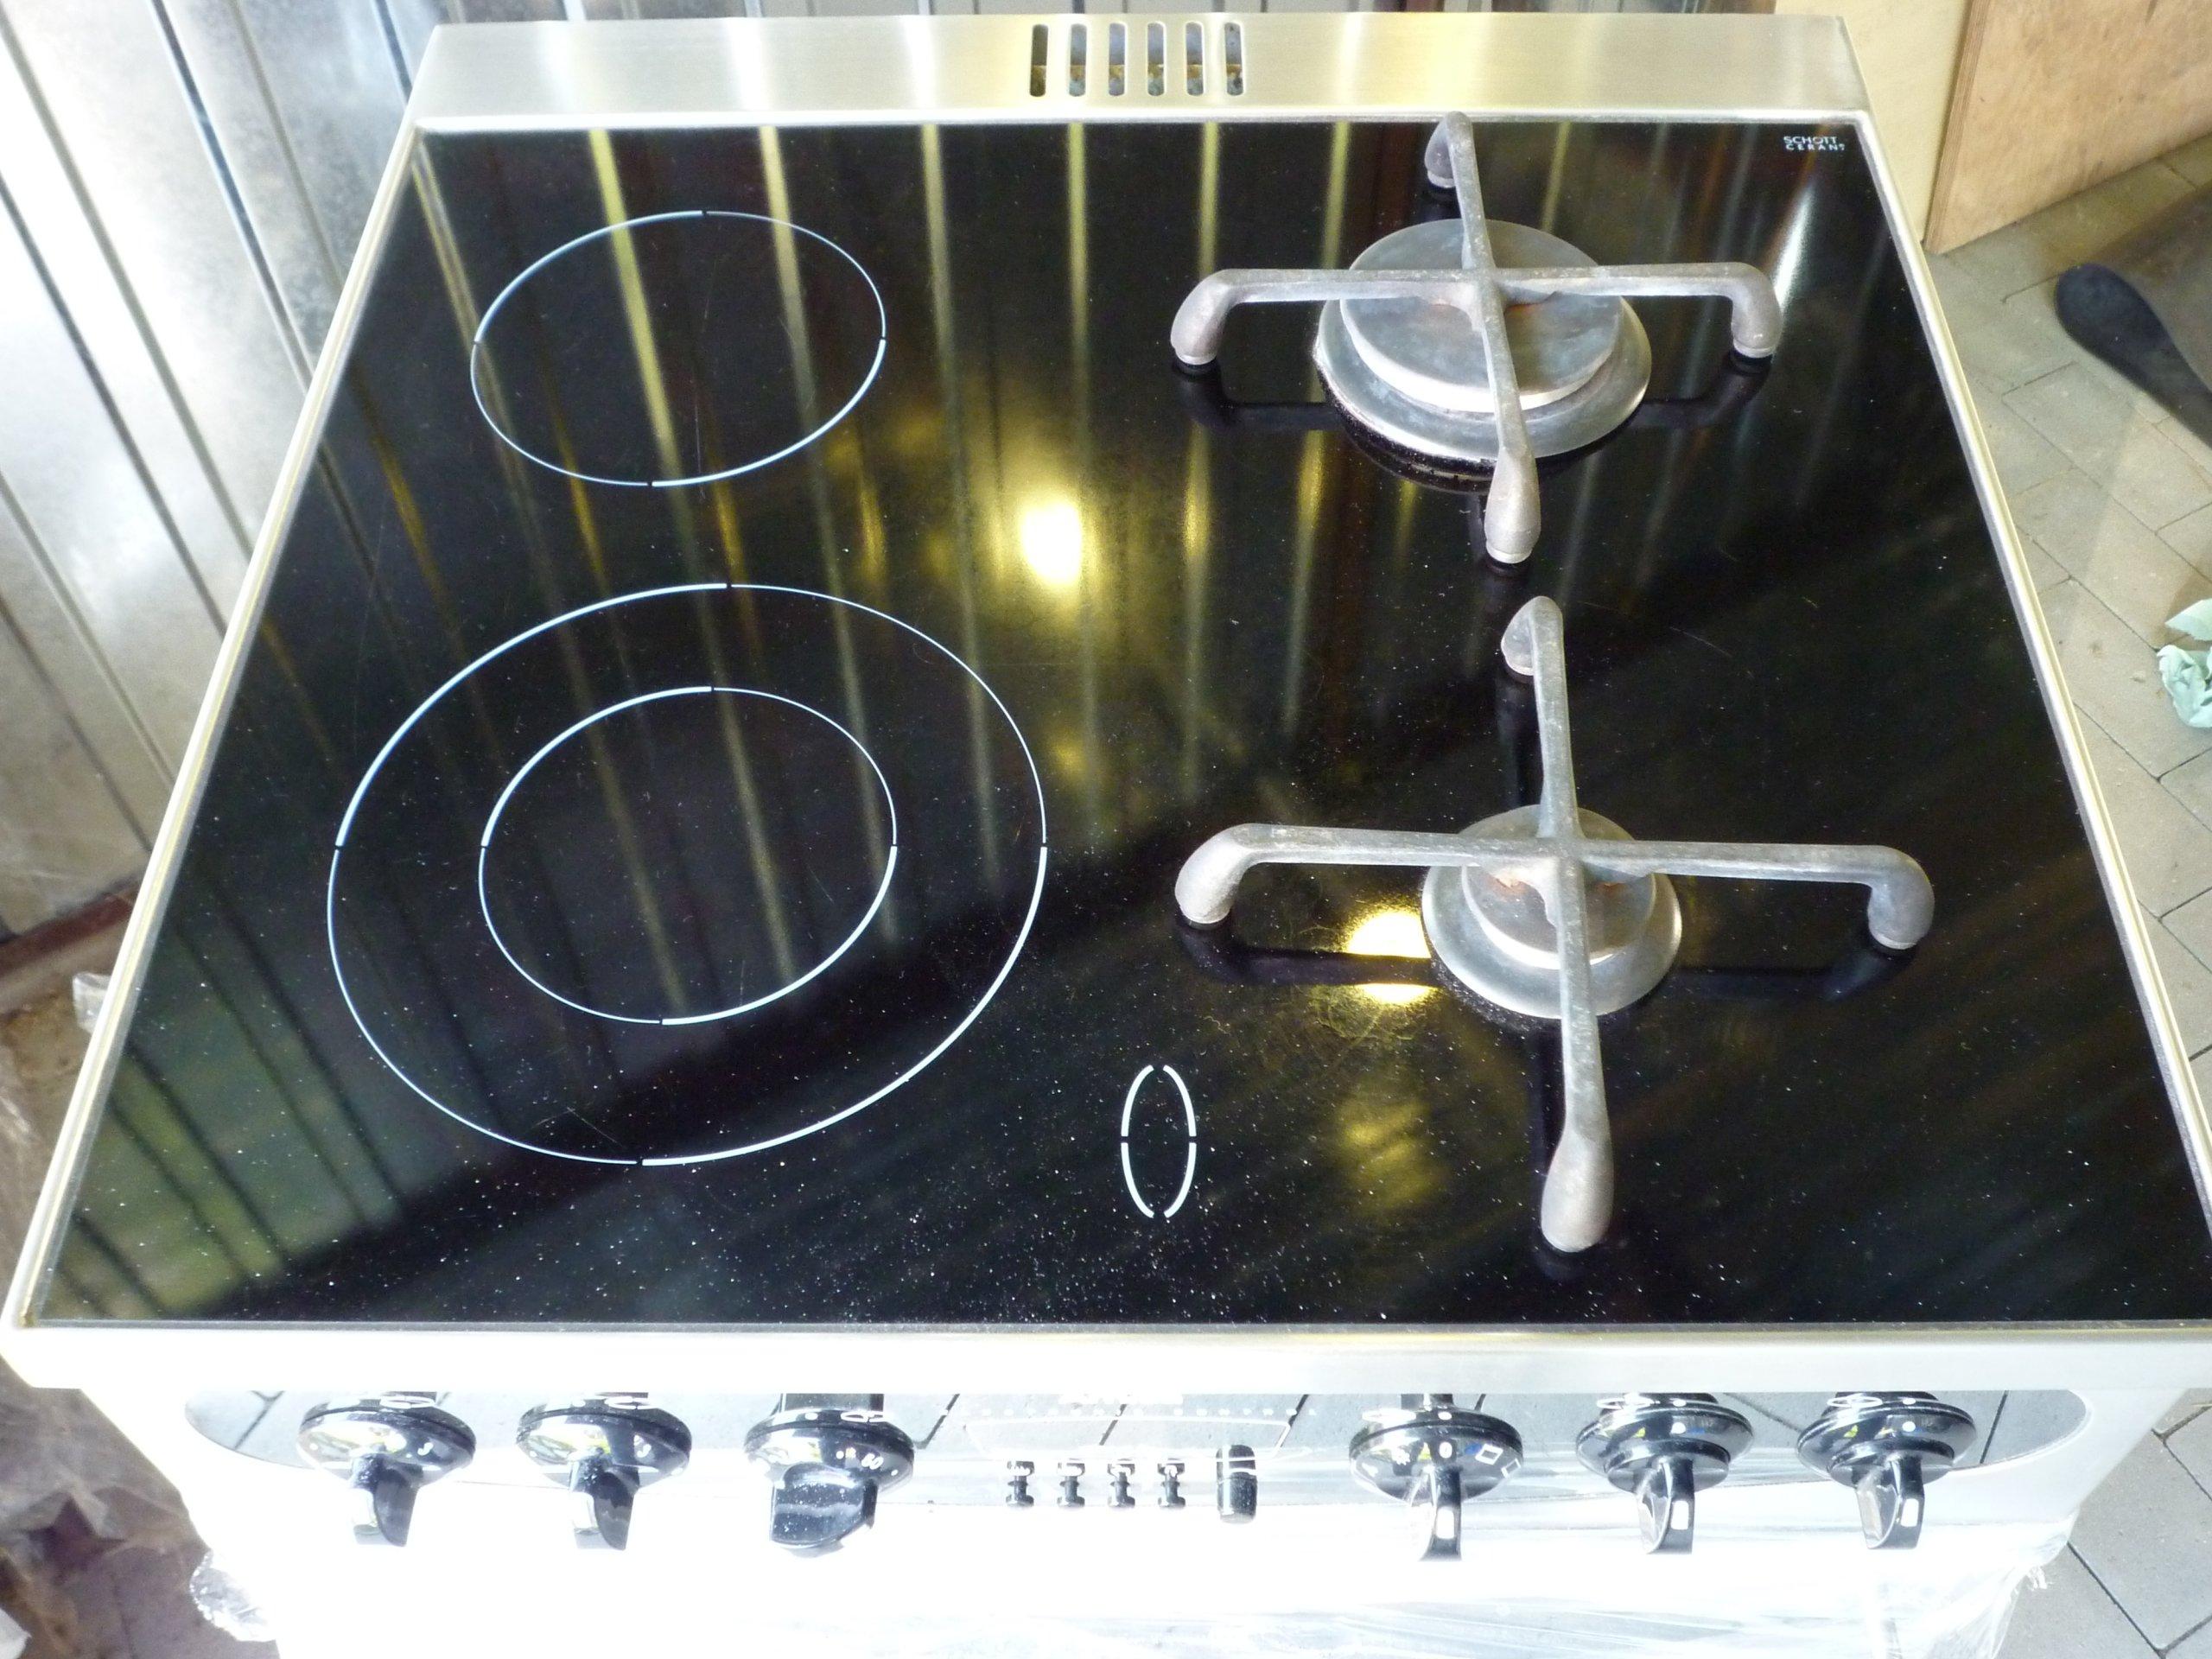 Kuchnia Elektryczno Gazowa Amica 60 Cm 6988422407 Oficjalne